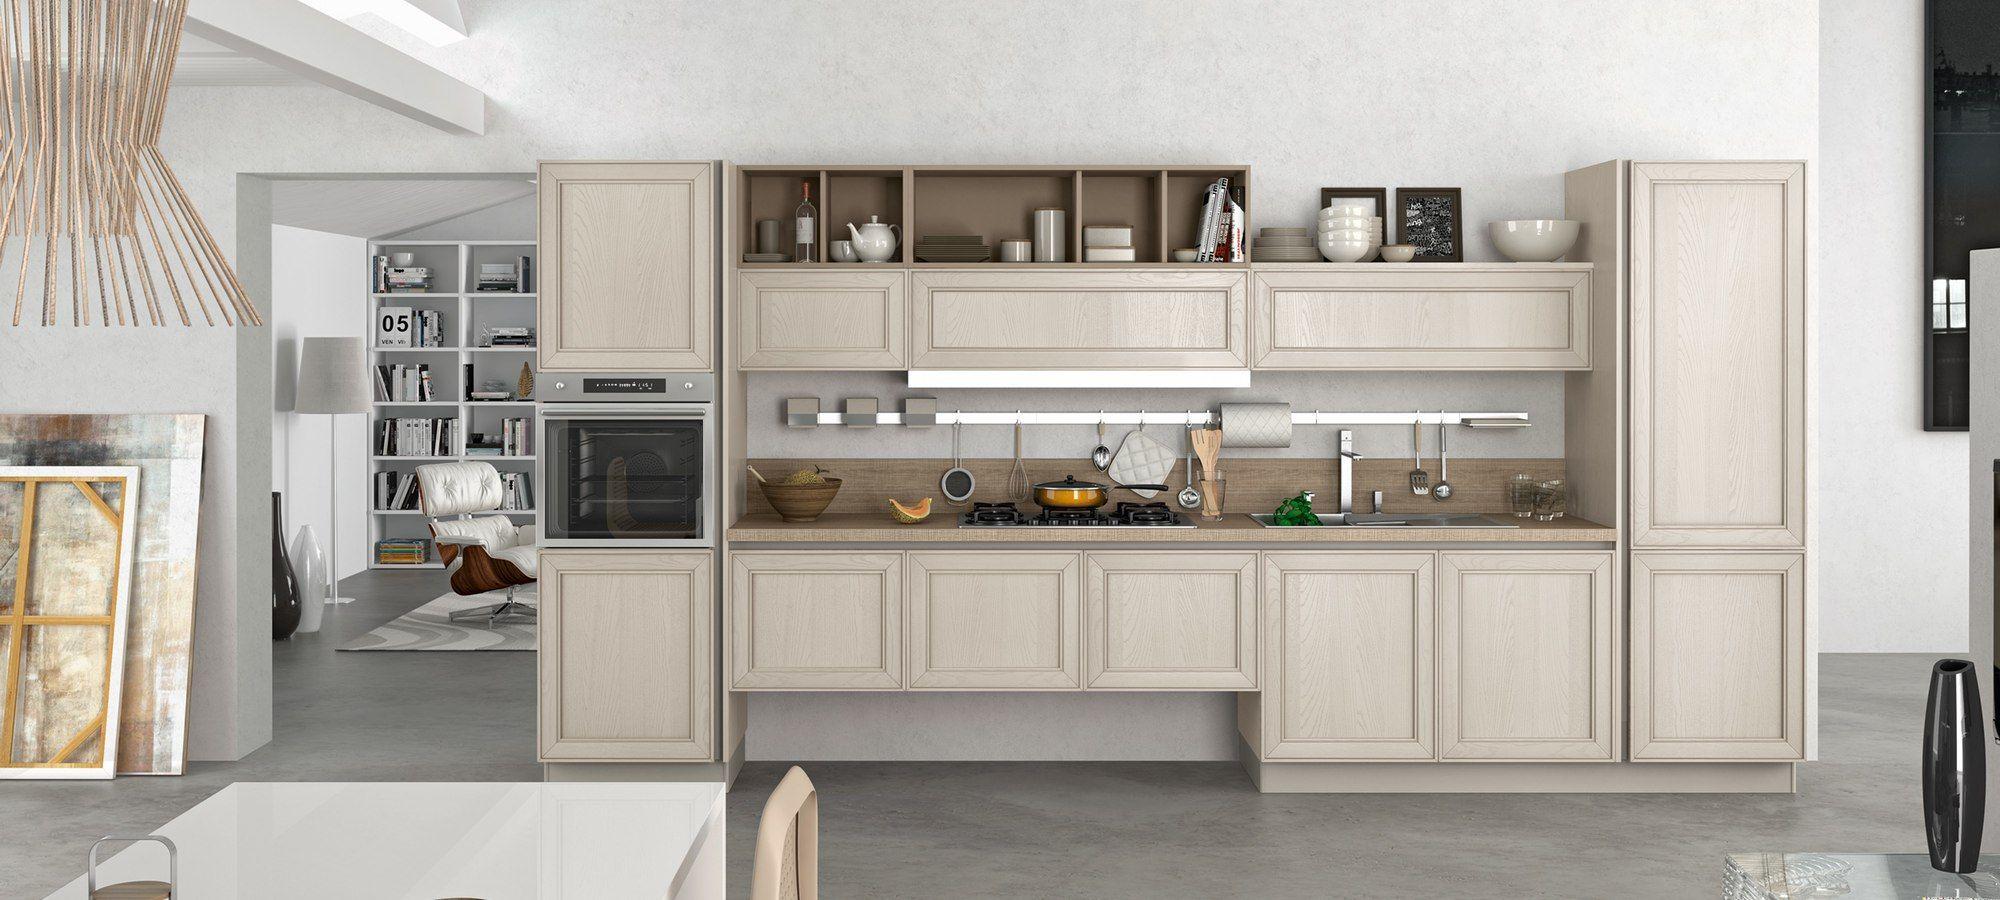 cucine contemporanee stosa - modello cucina maxim 02 | arredamento ...